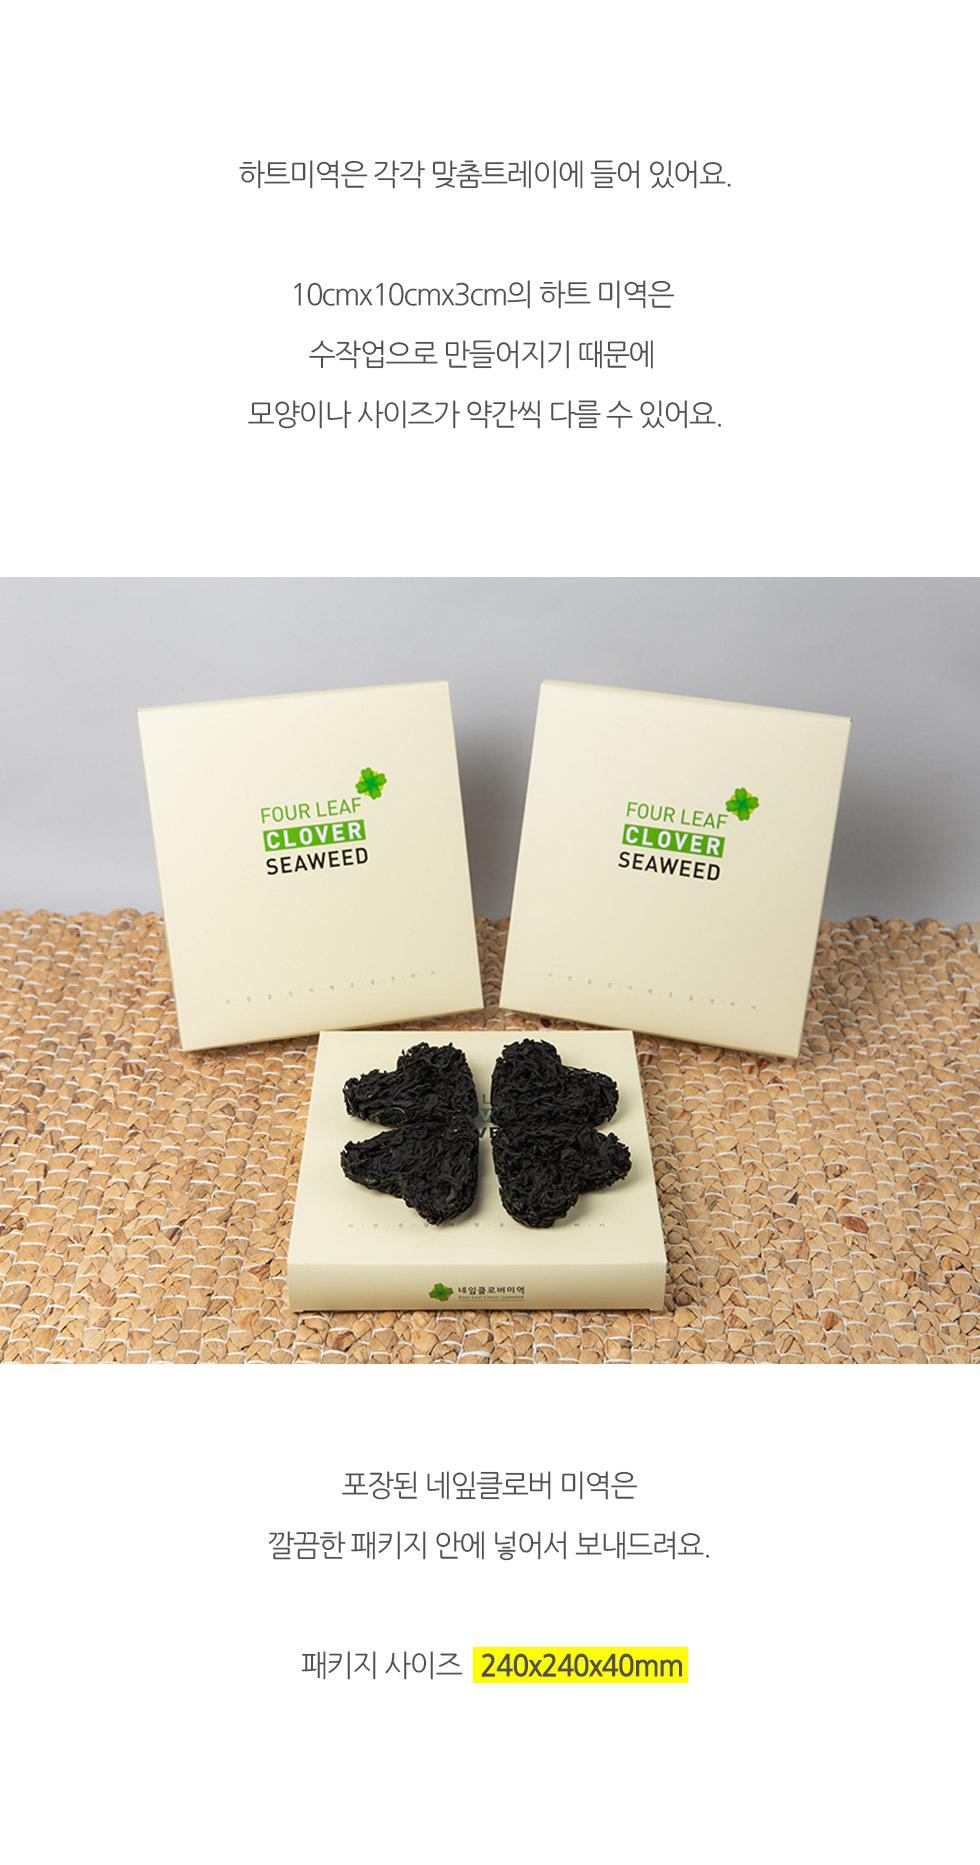 하트미역, 네잎클로버미역 - 네잎클로버 모양의 미역포장